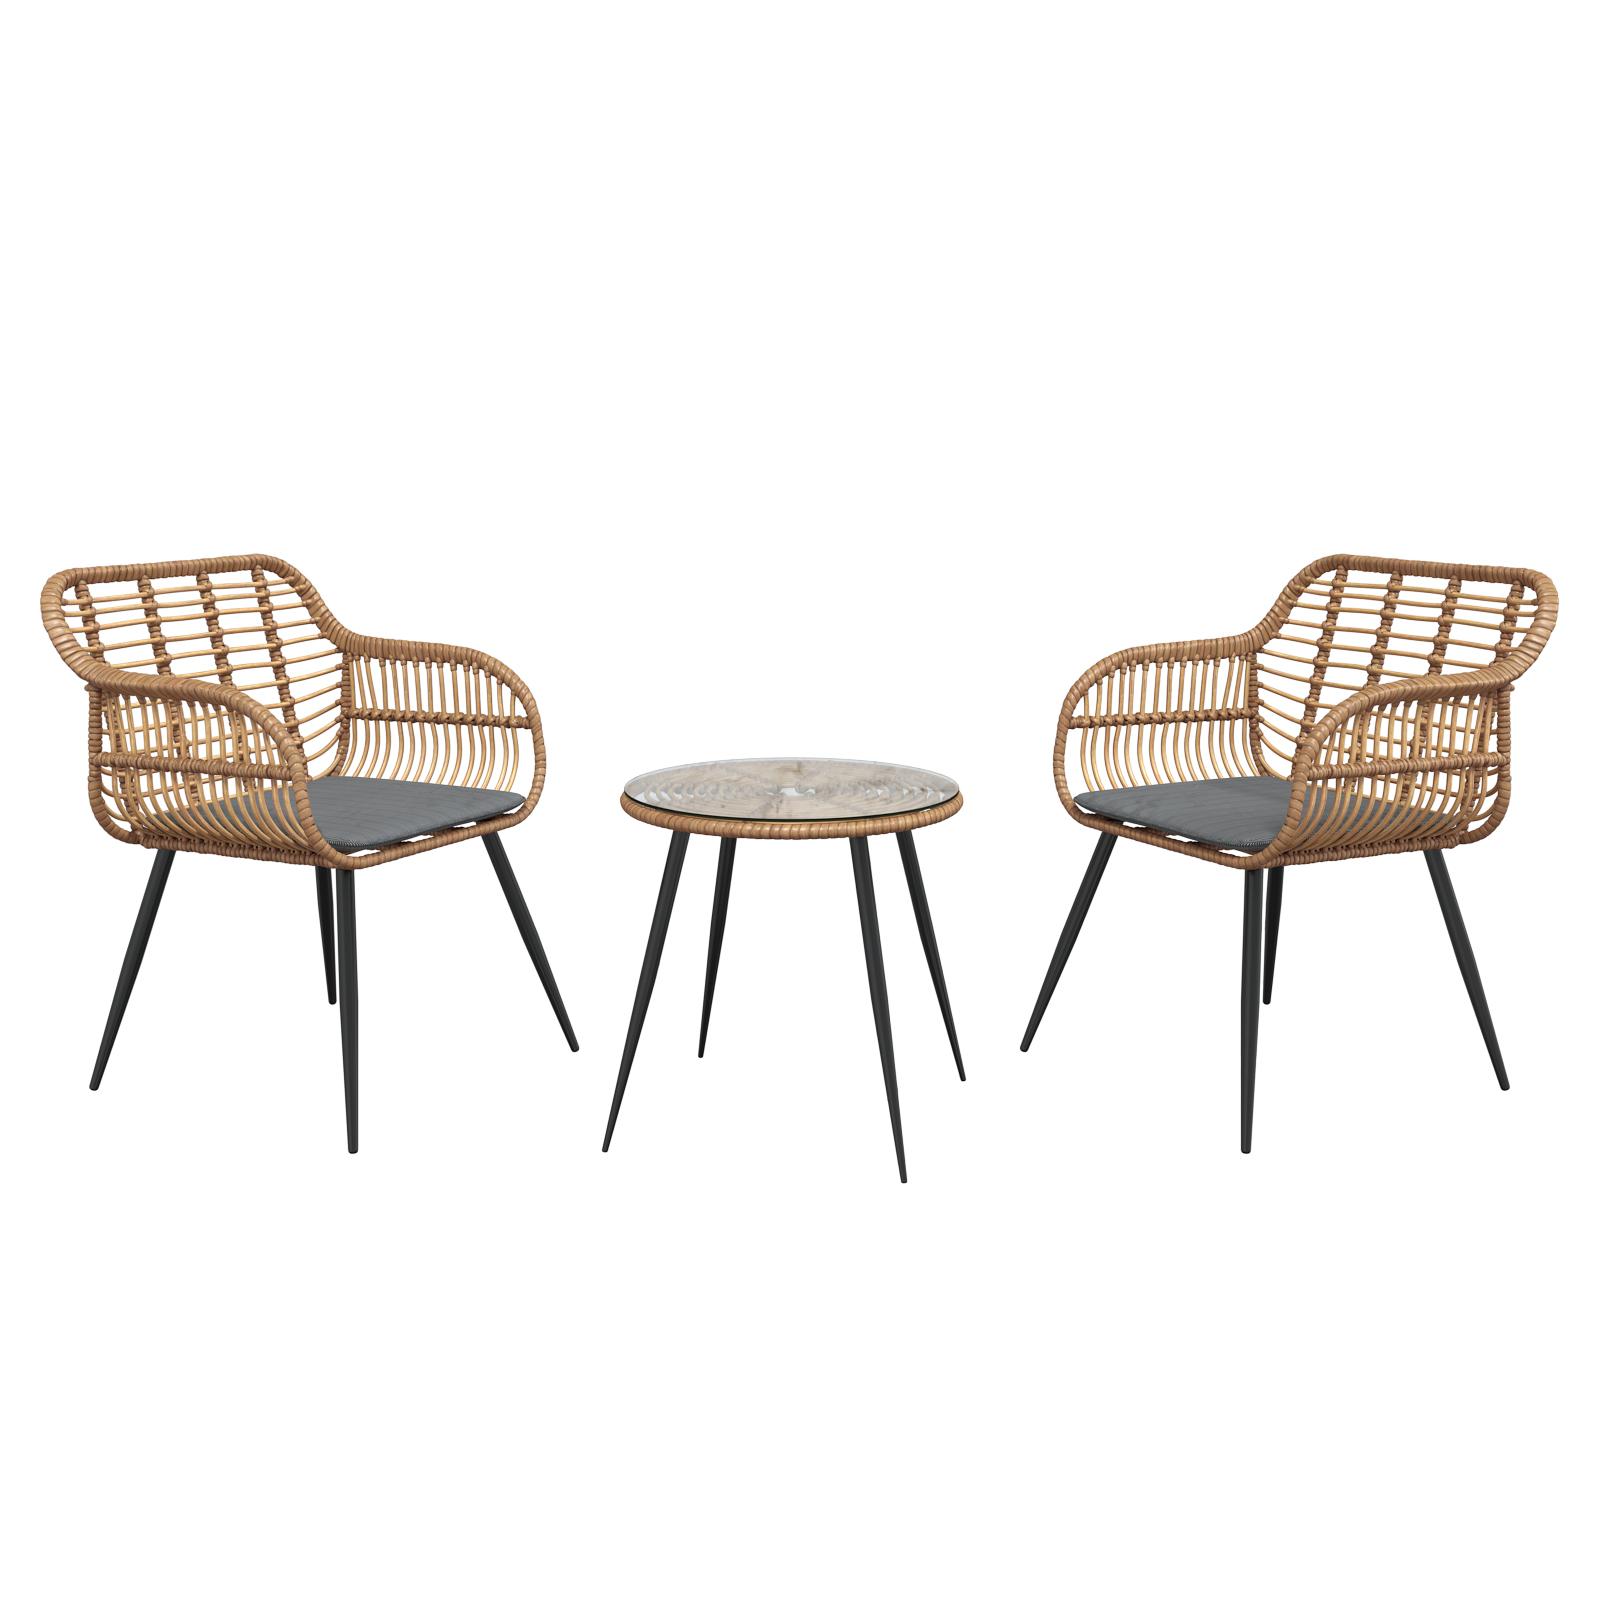 Gartenmöbel-Set HALDIR Tisch und 2 Stühle